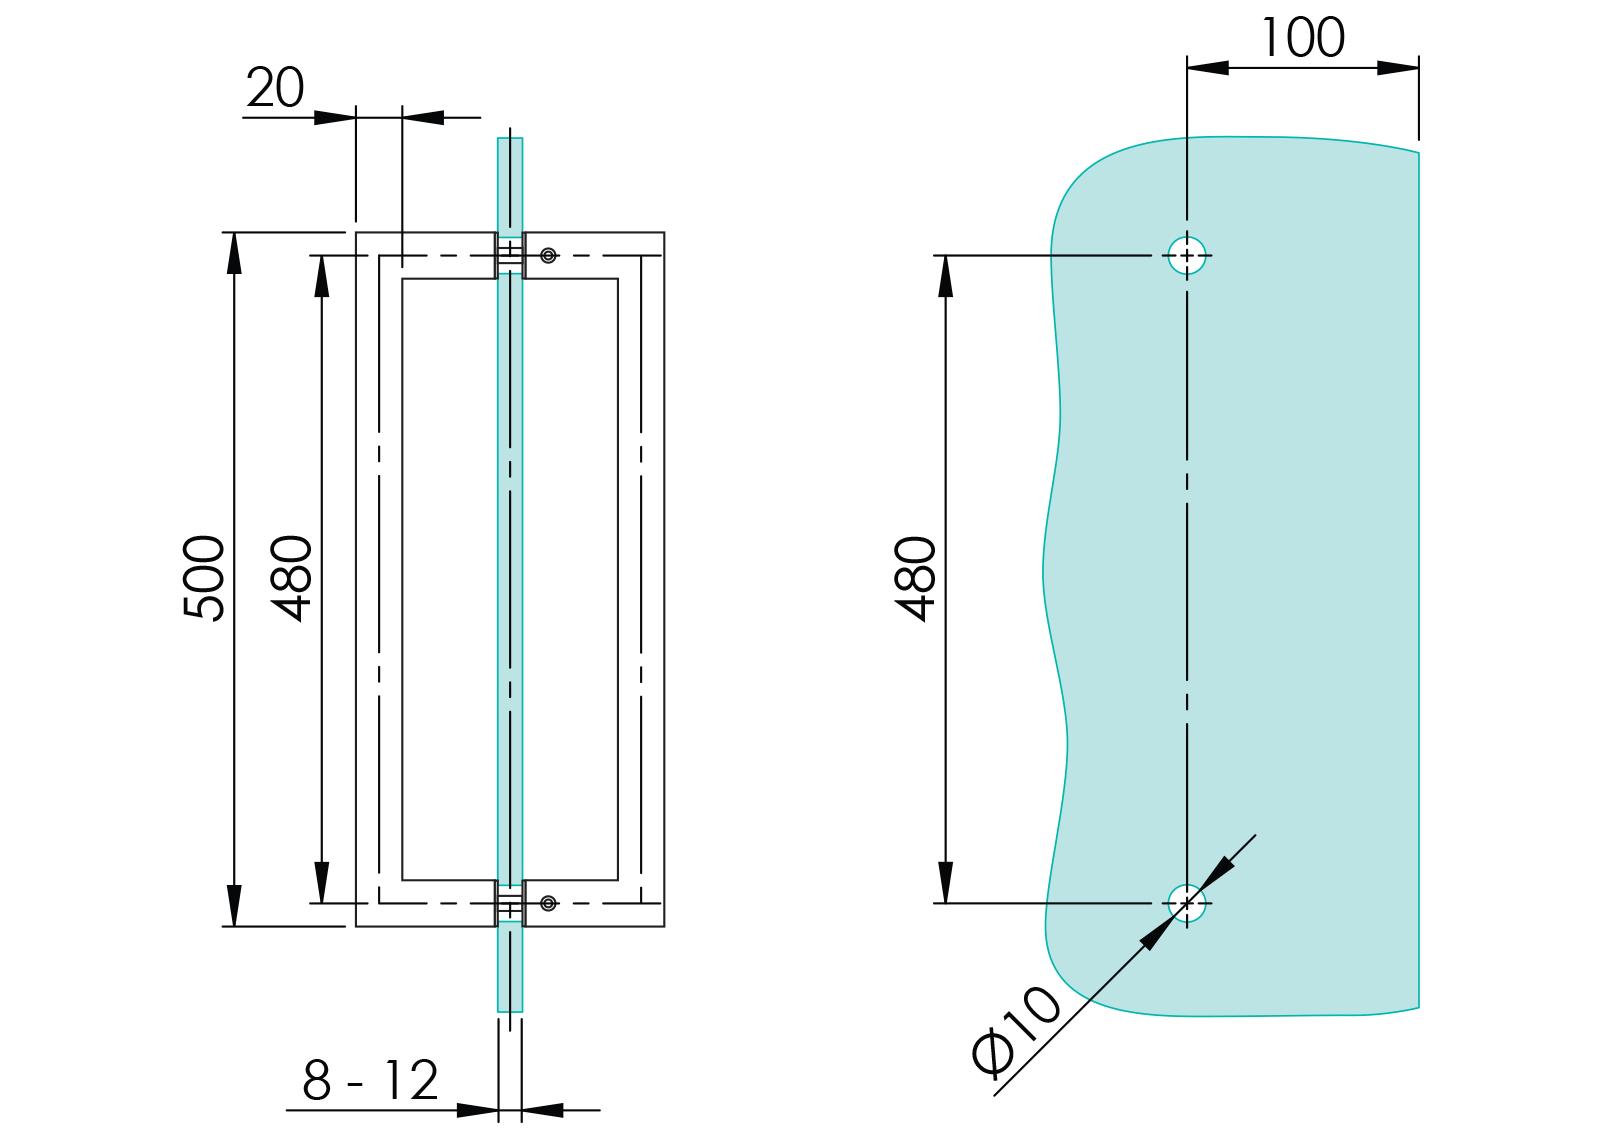 GS-304/M3-20-500 - Crtež za rukohvat 20×20